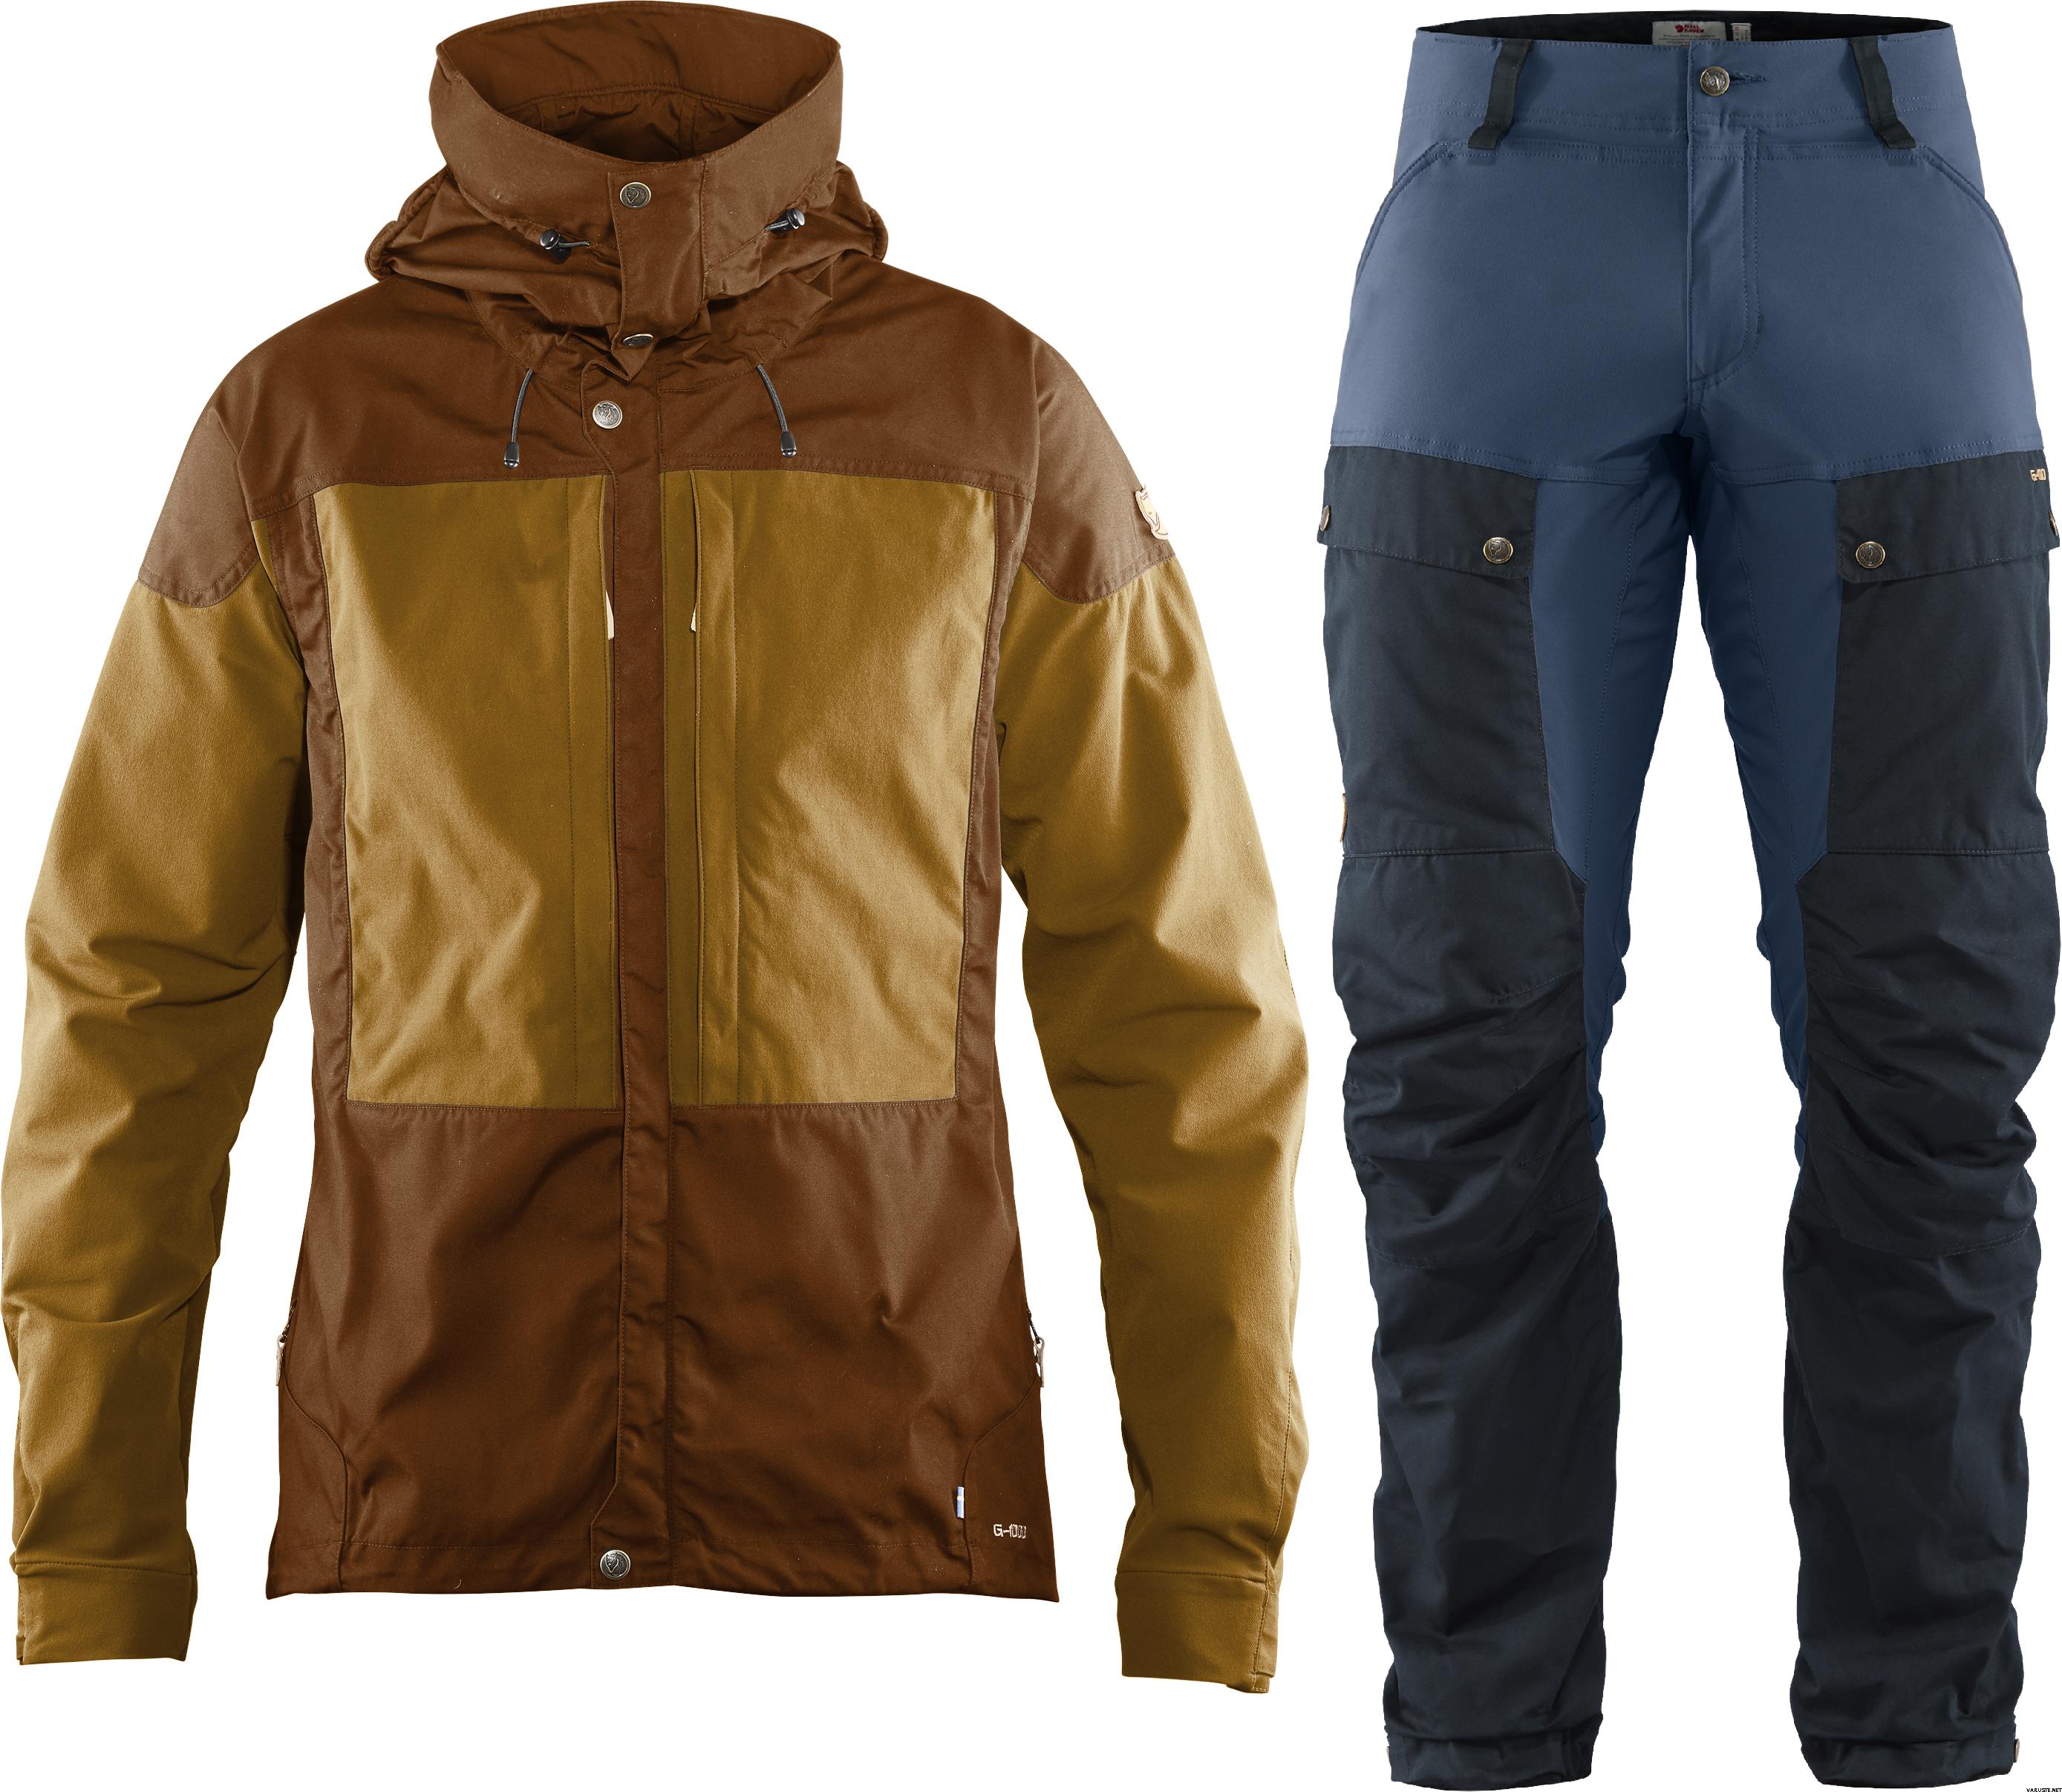 Offizielle Website neueste trends von 2019 Vielzahl von Designs und Farben Fjällräven Keb Jacket Men & Keb Trousers M Regular